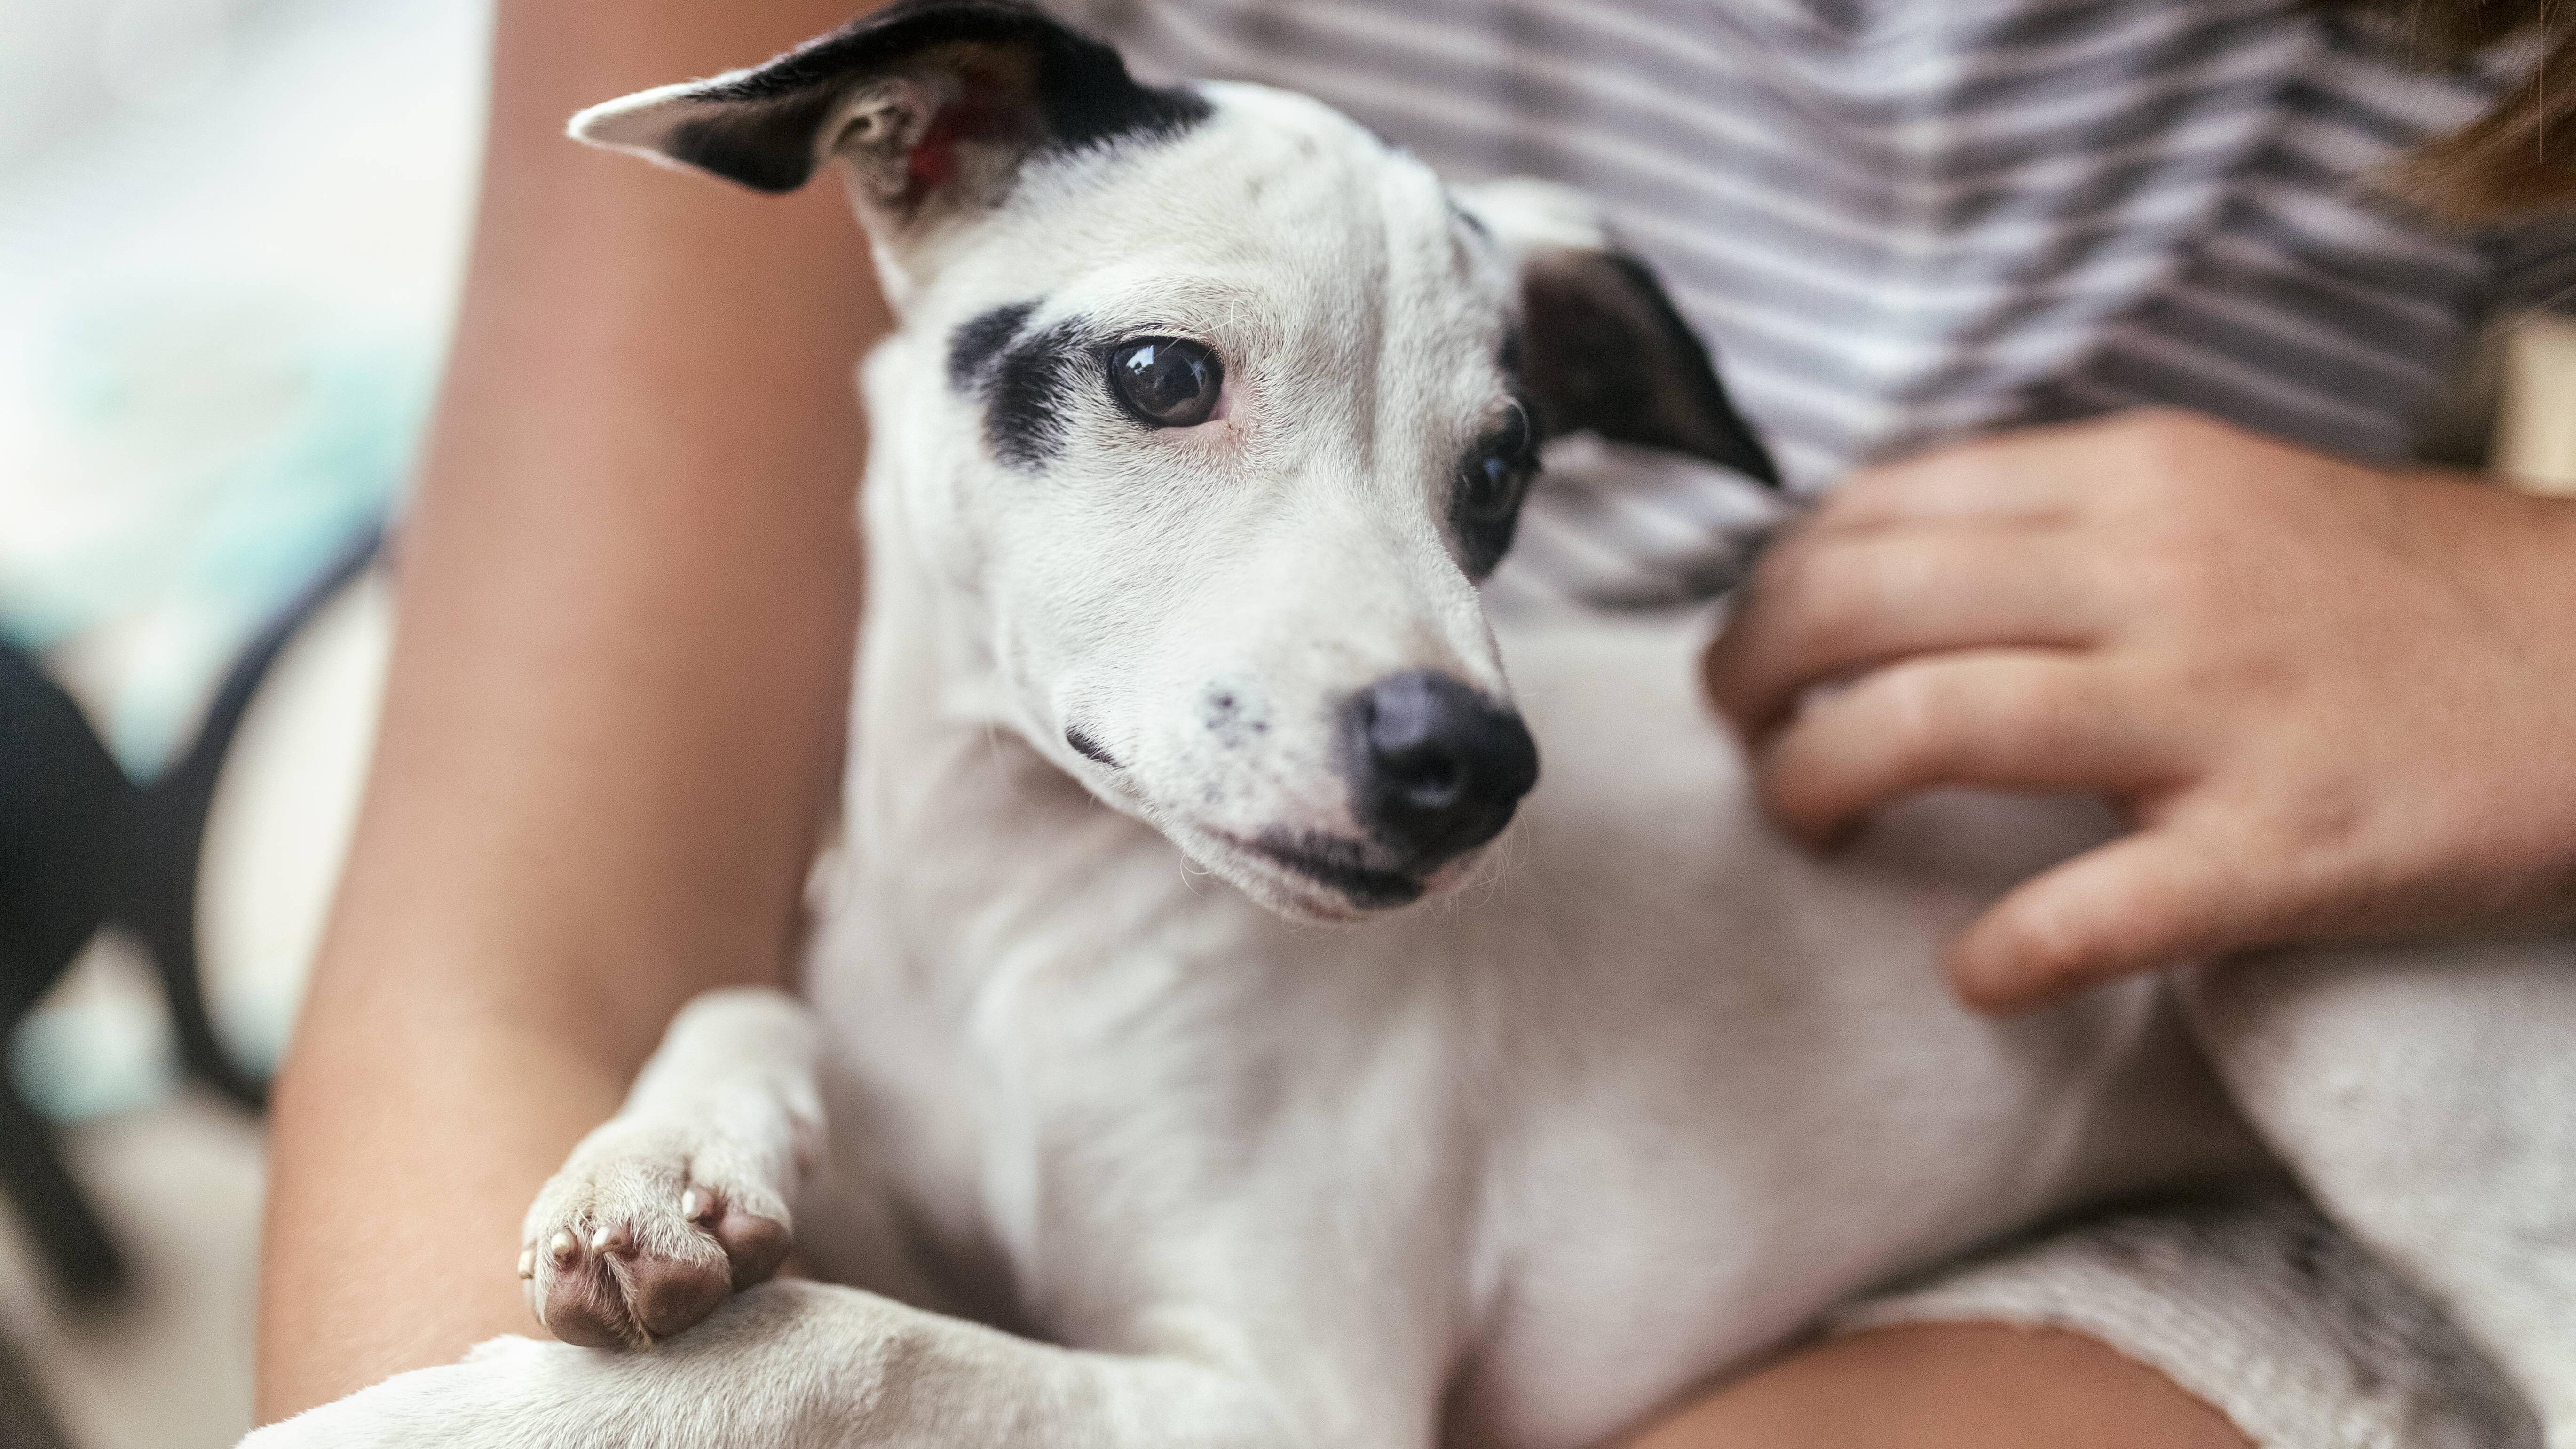 Massagen helfen dabei, einen überdrehten Hund zu beruhigen.